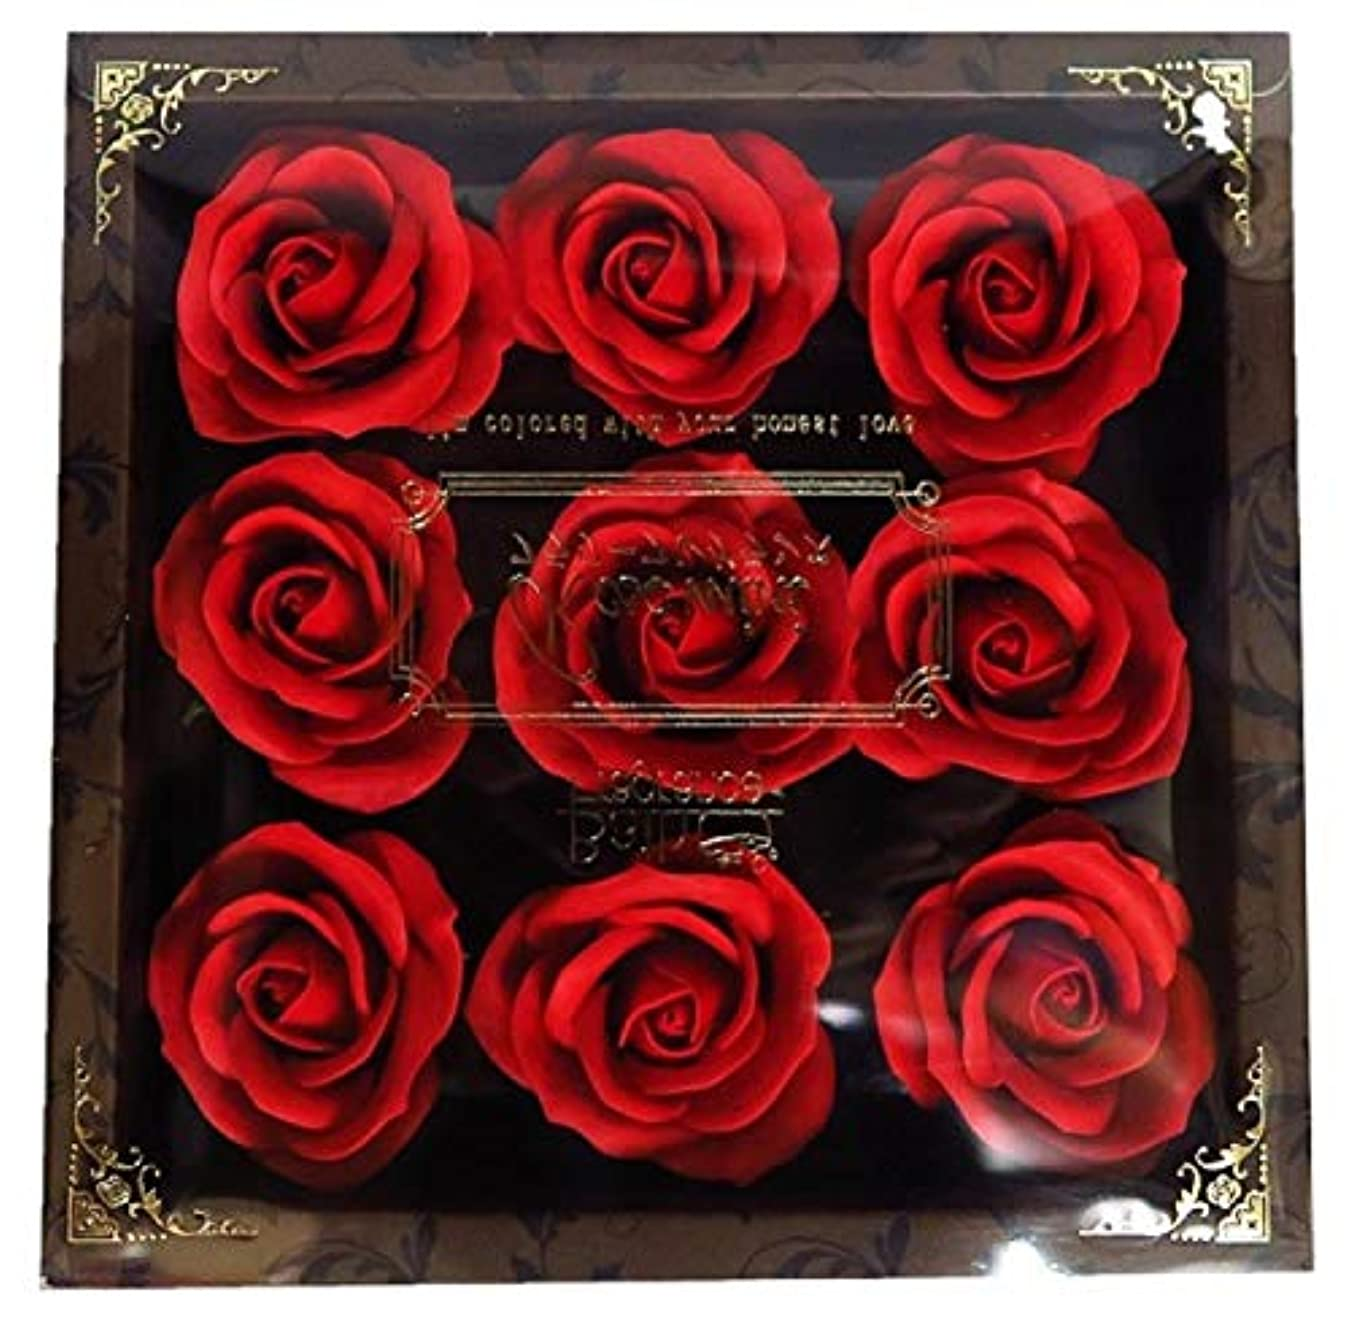 協力落花生復活するバスフレグランス フラワーフレグランス ミニローズフレグランス(L)レッド ギフト お花の形の入浴剤 プレゼント ばら